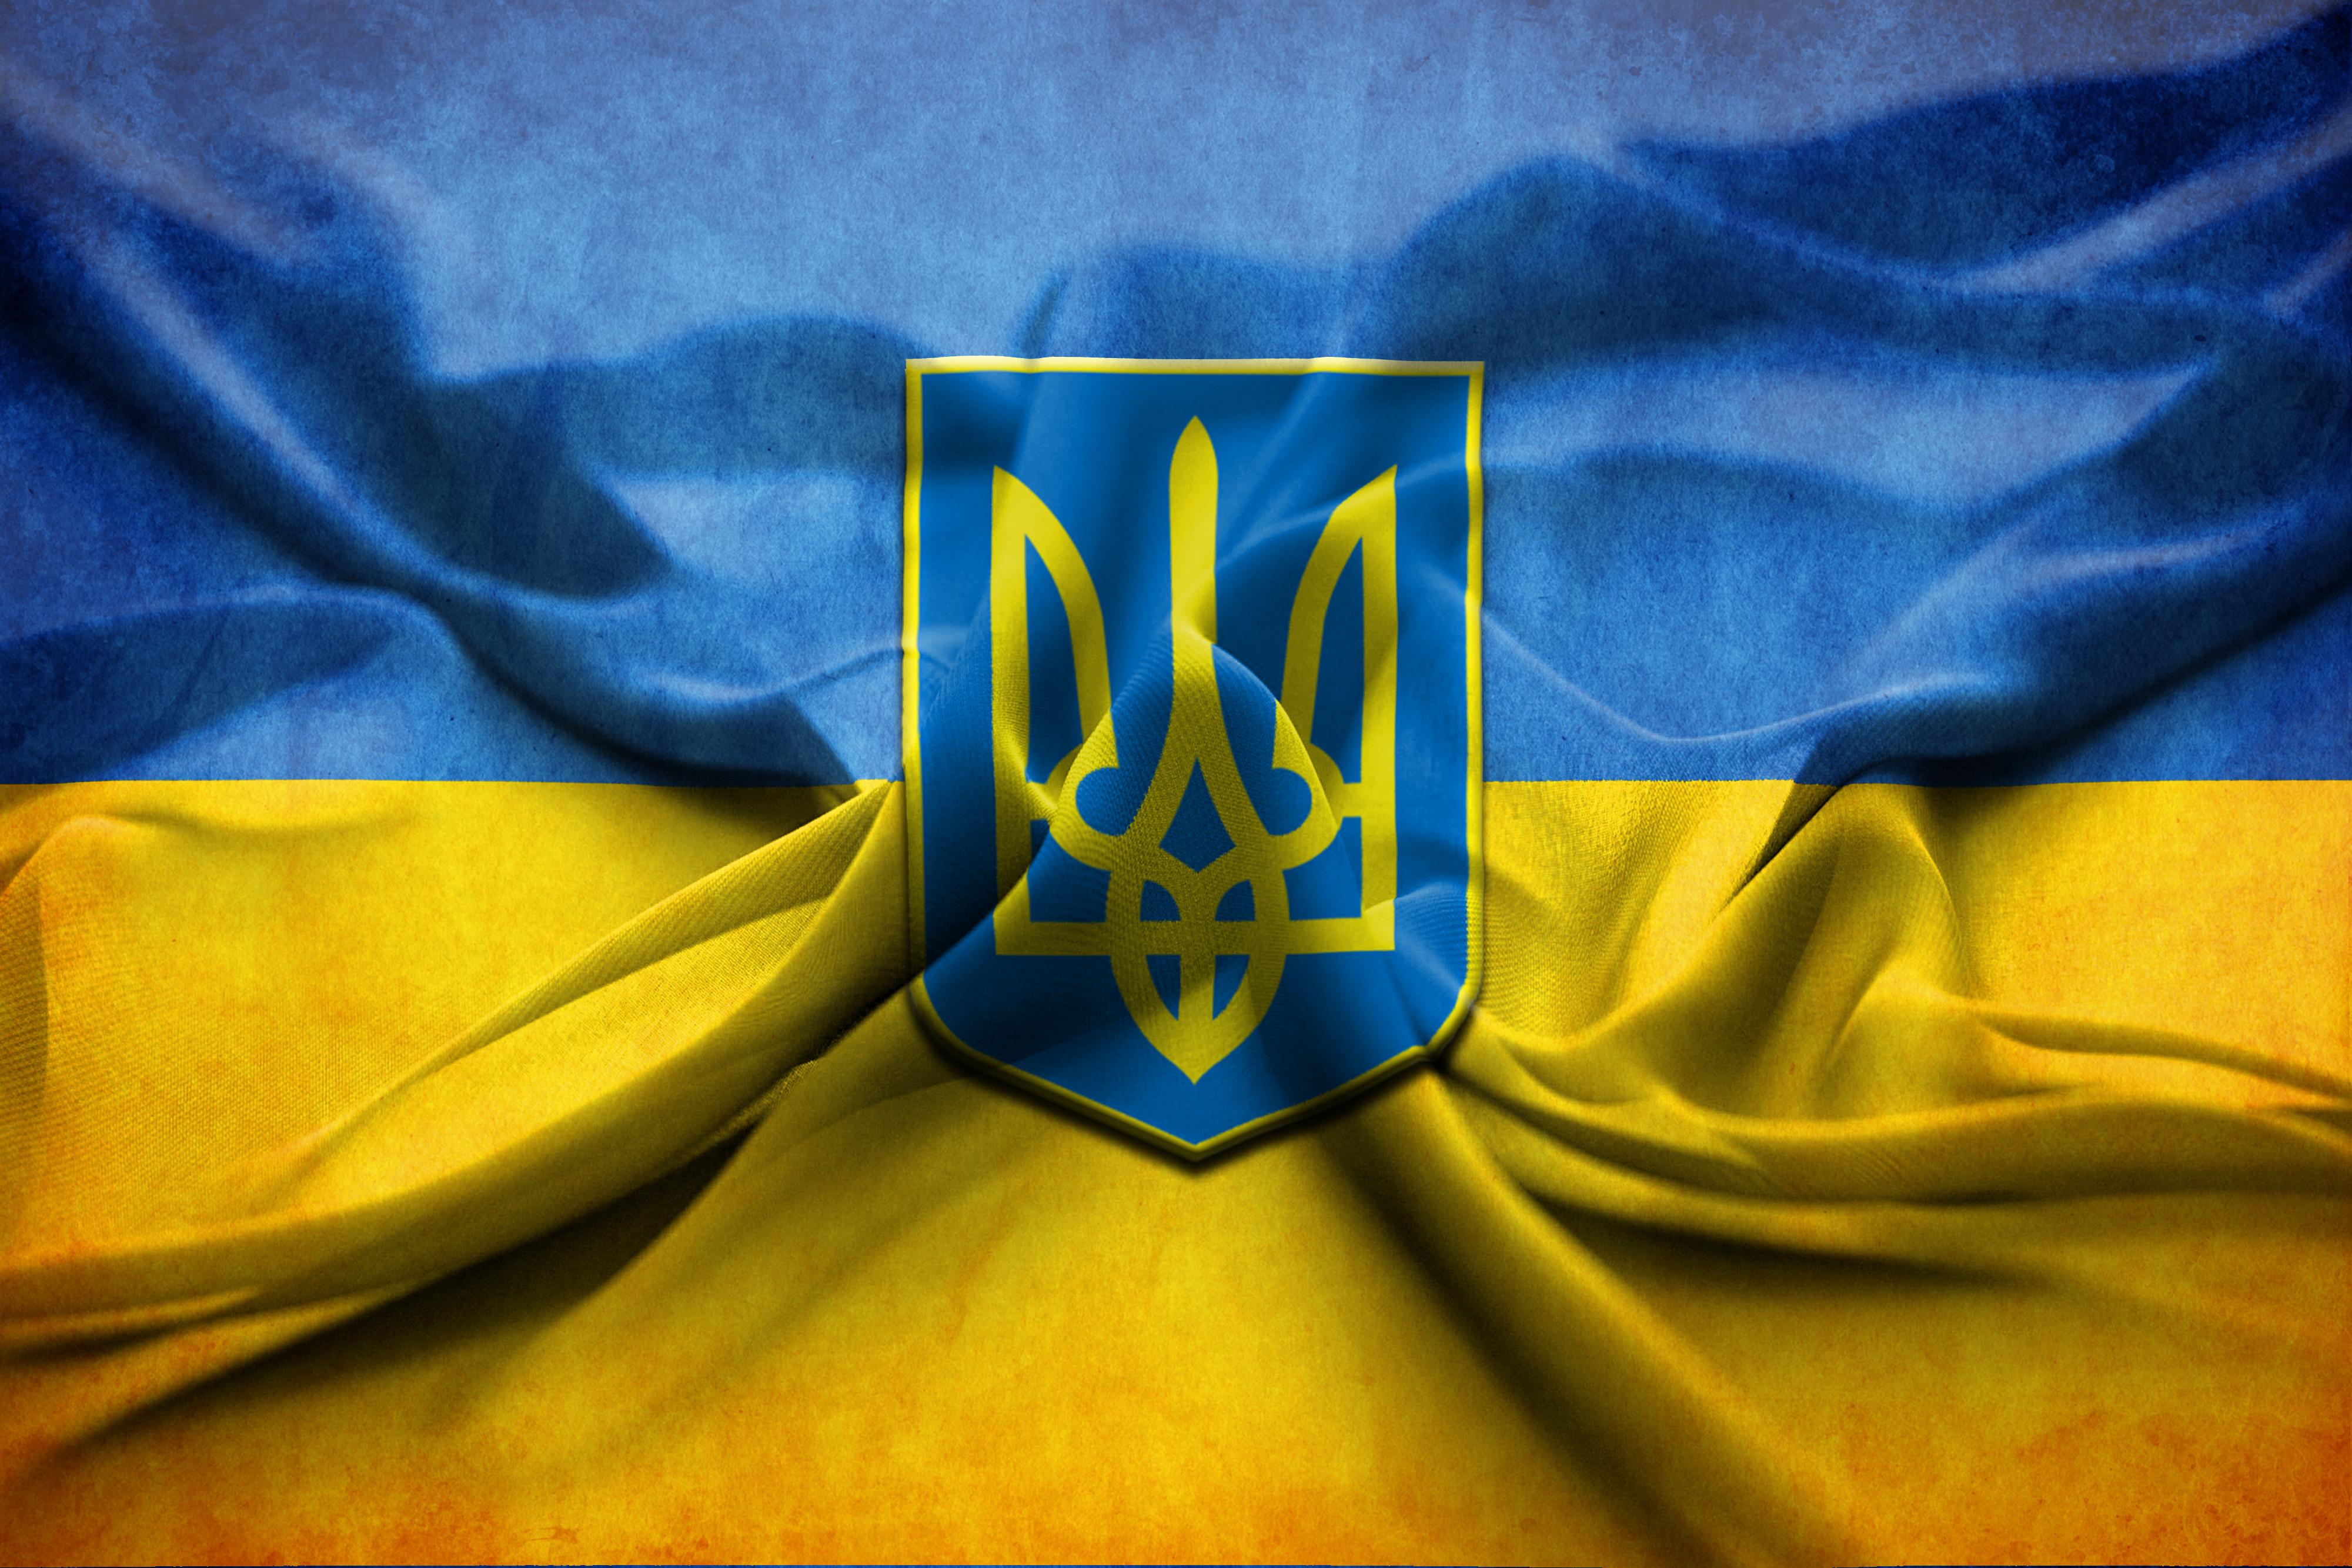 Осторожно! На Украину грядет большая беда, не отпускайте детей на улицу